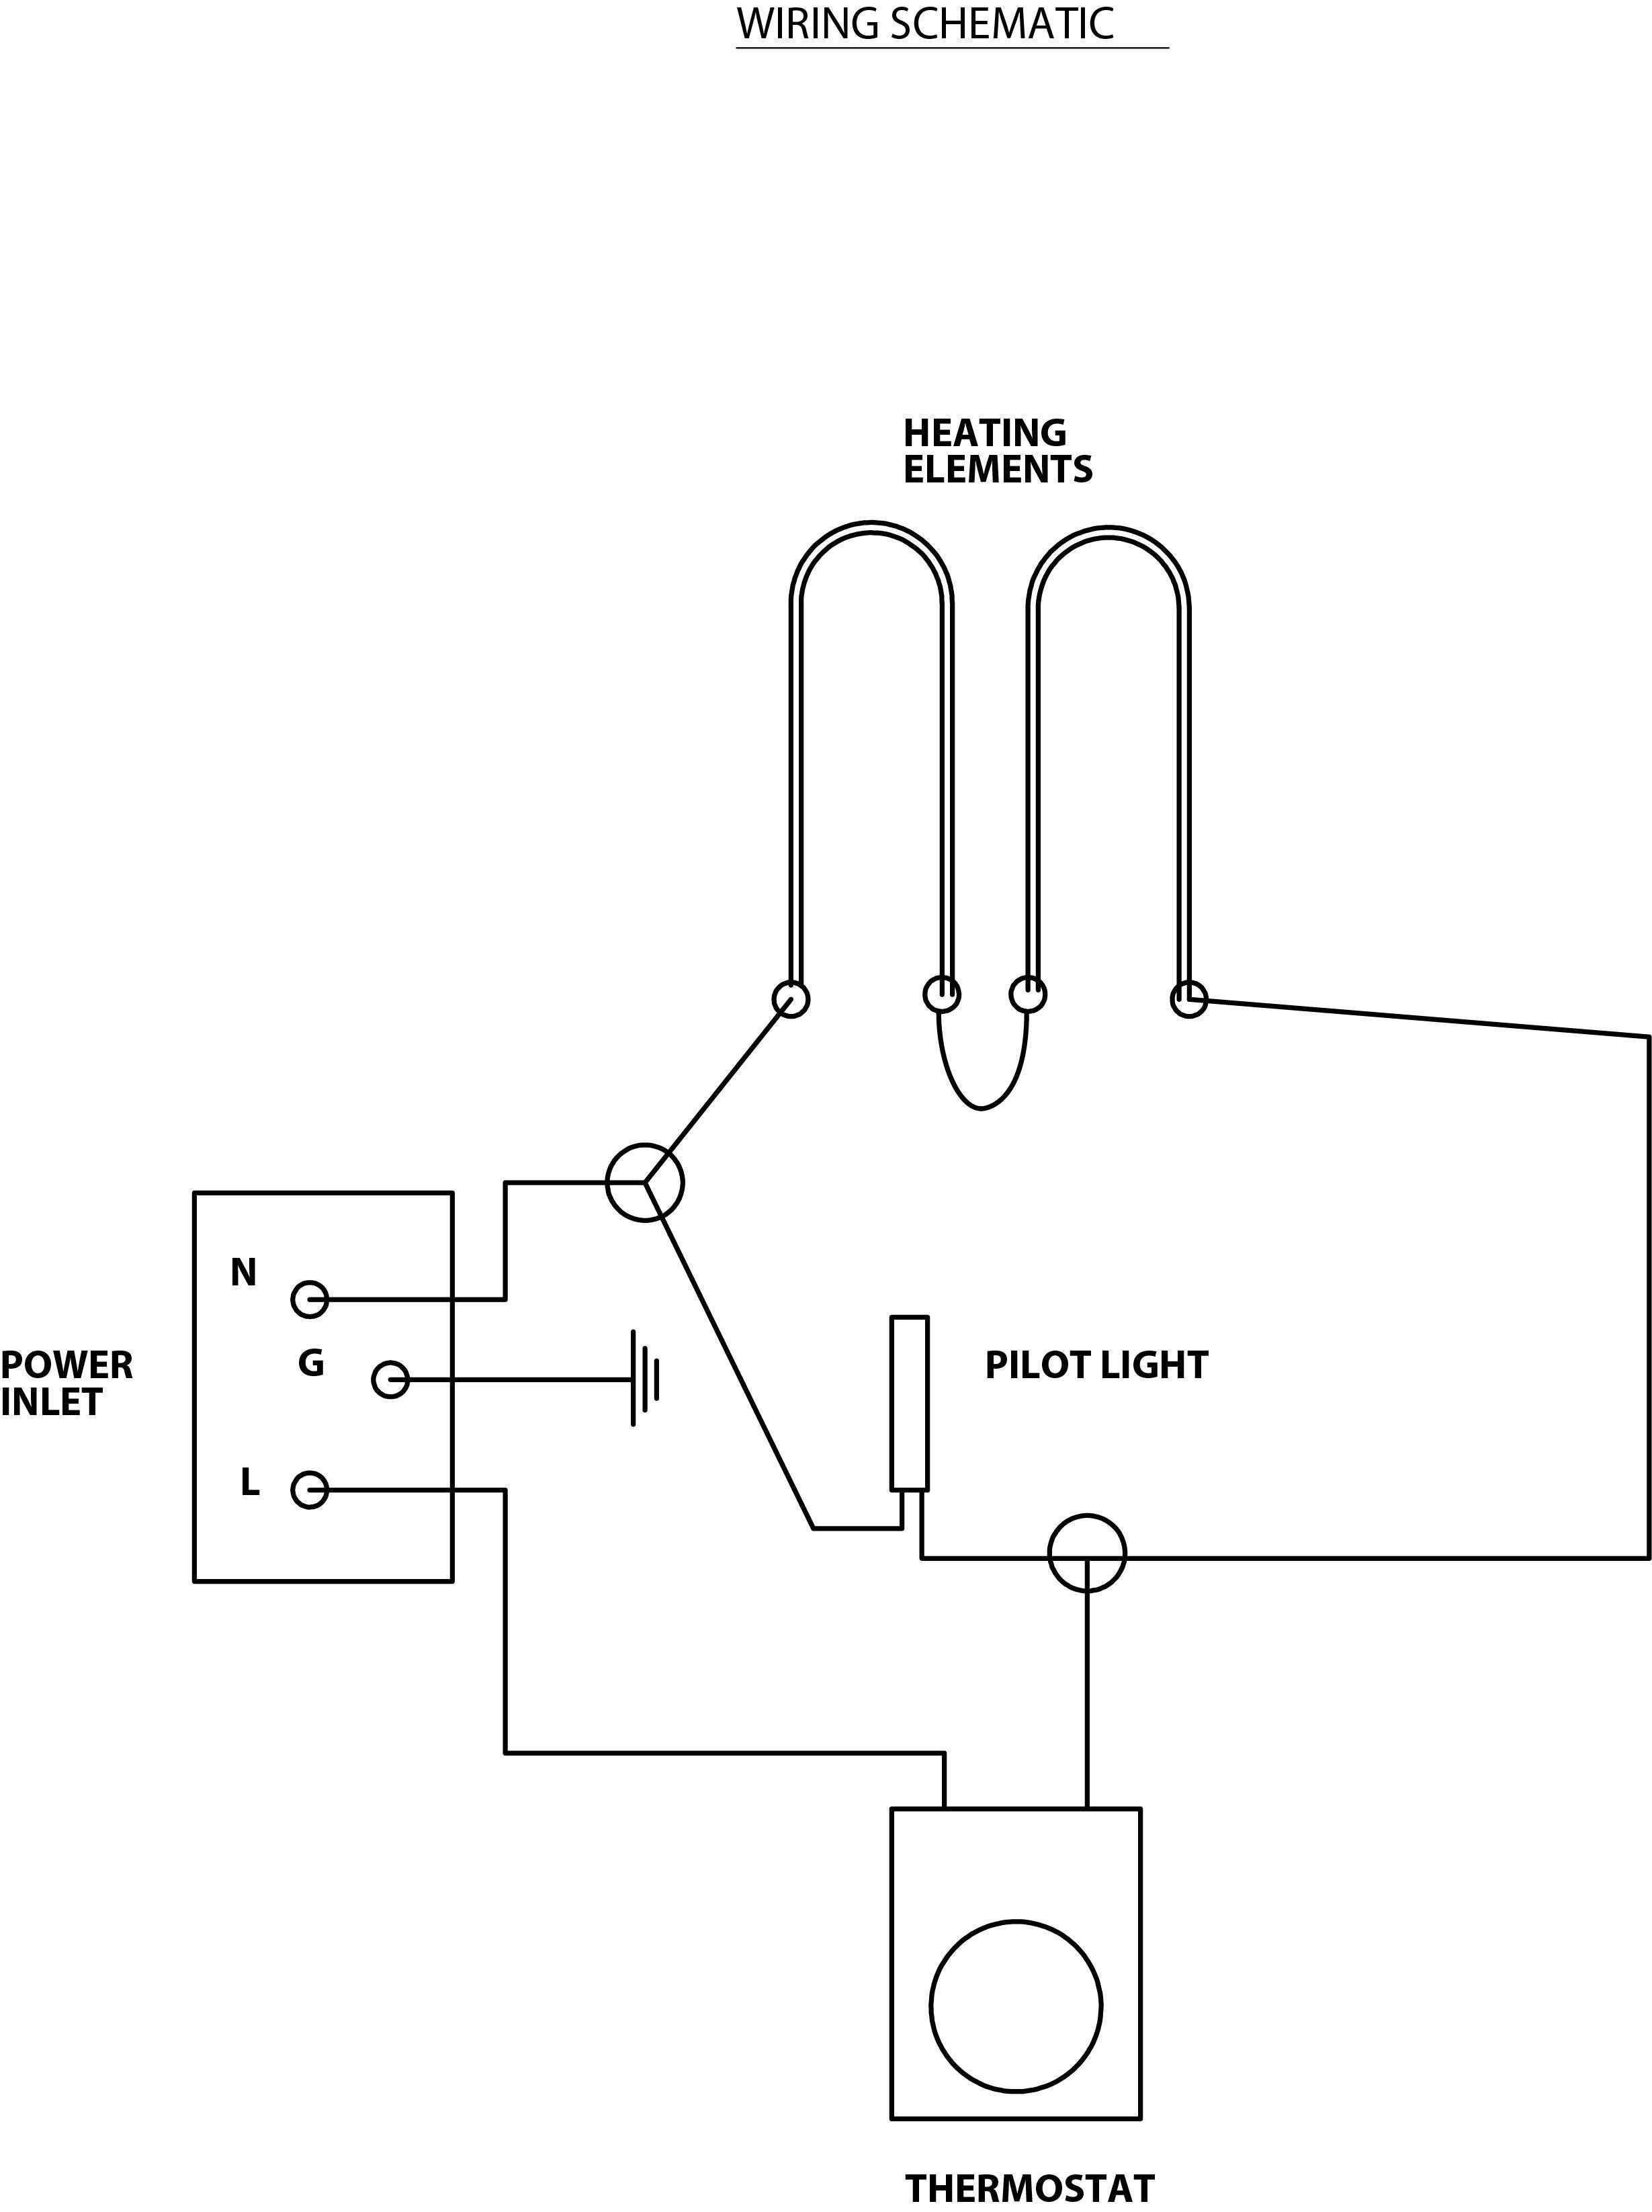 ssr schematics heating rod